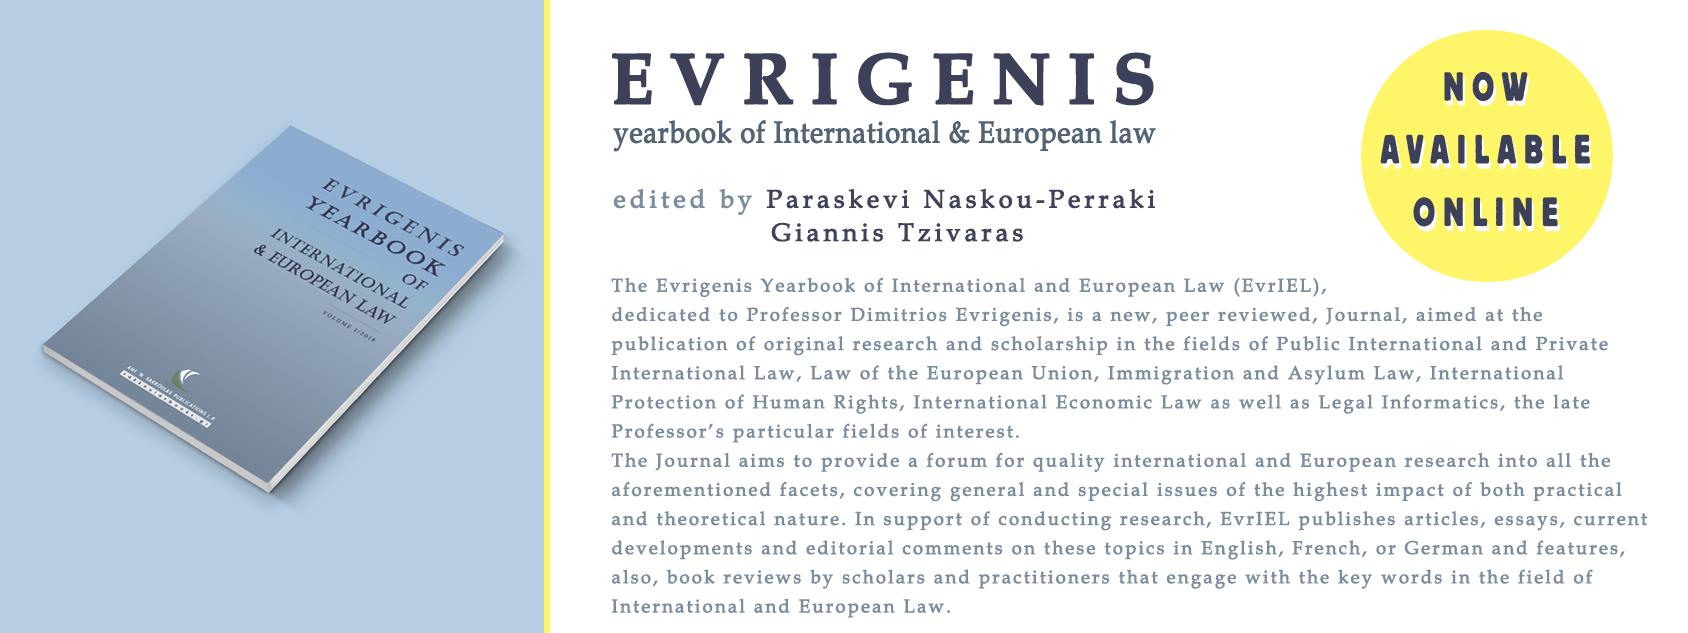 Evrigenis yearbook now online